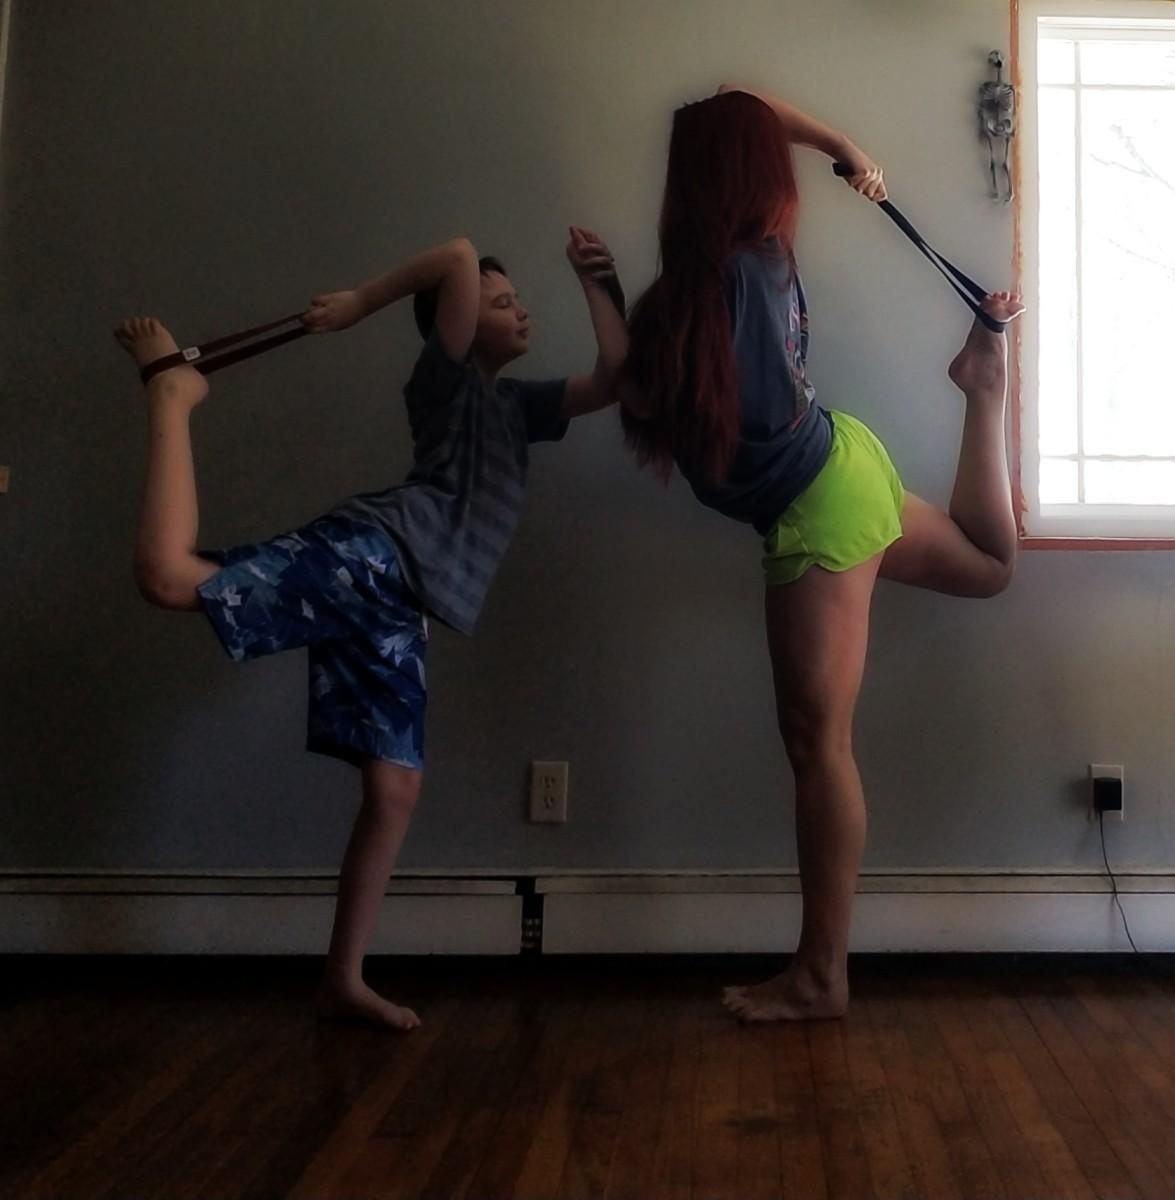 A partner dancer pose